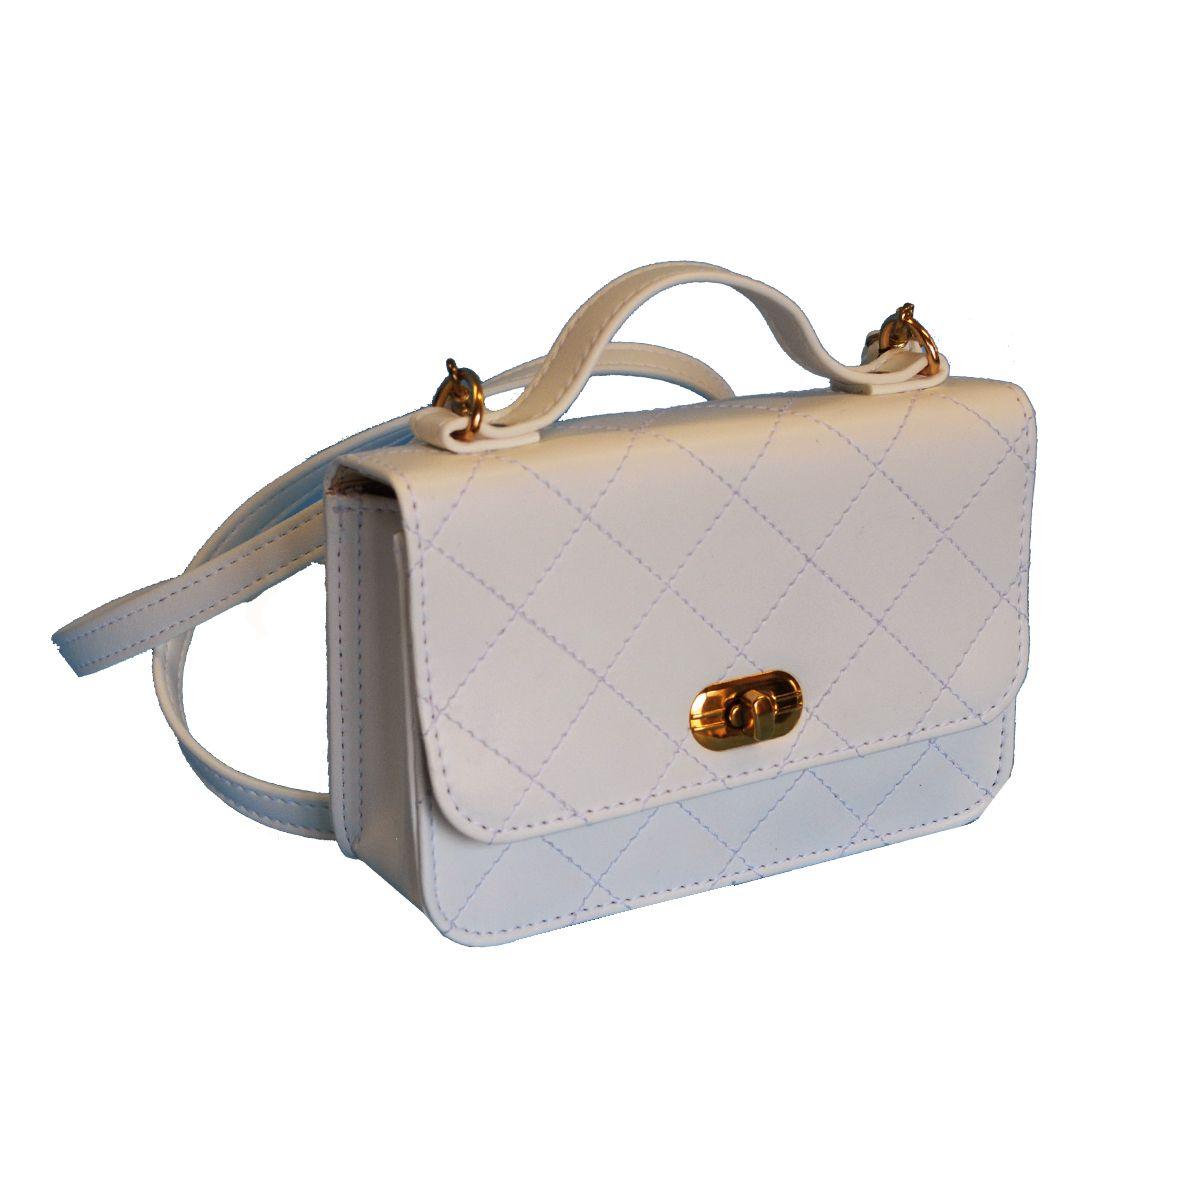 Dámska štýlová kabelka crossbody 8679 v bielej farbe 7a40684d01c